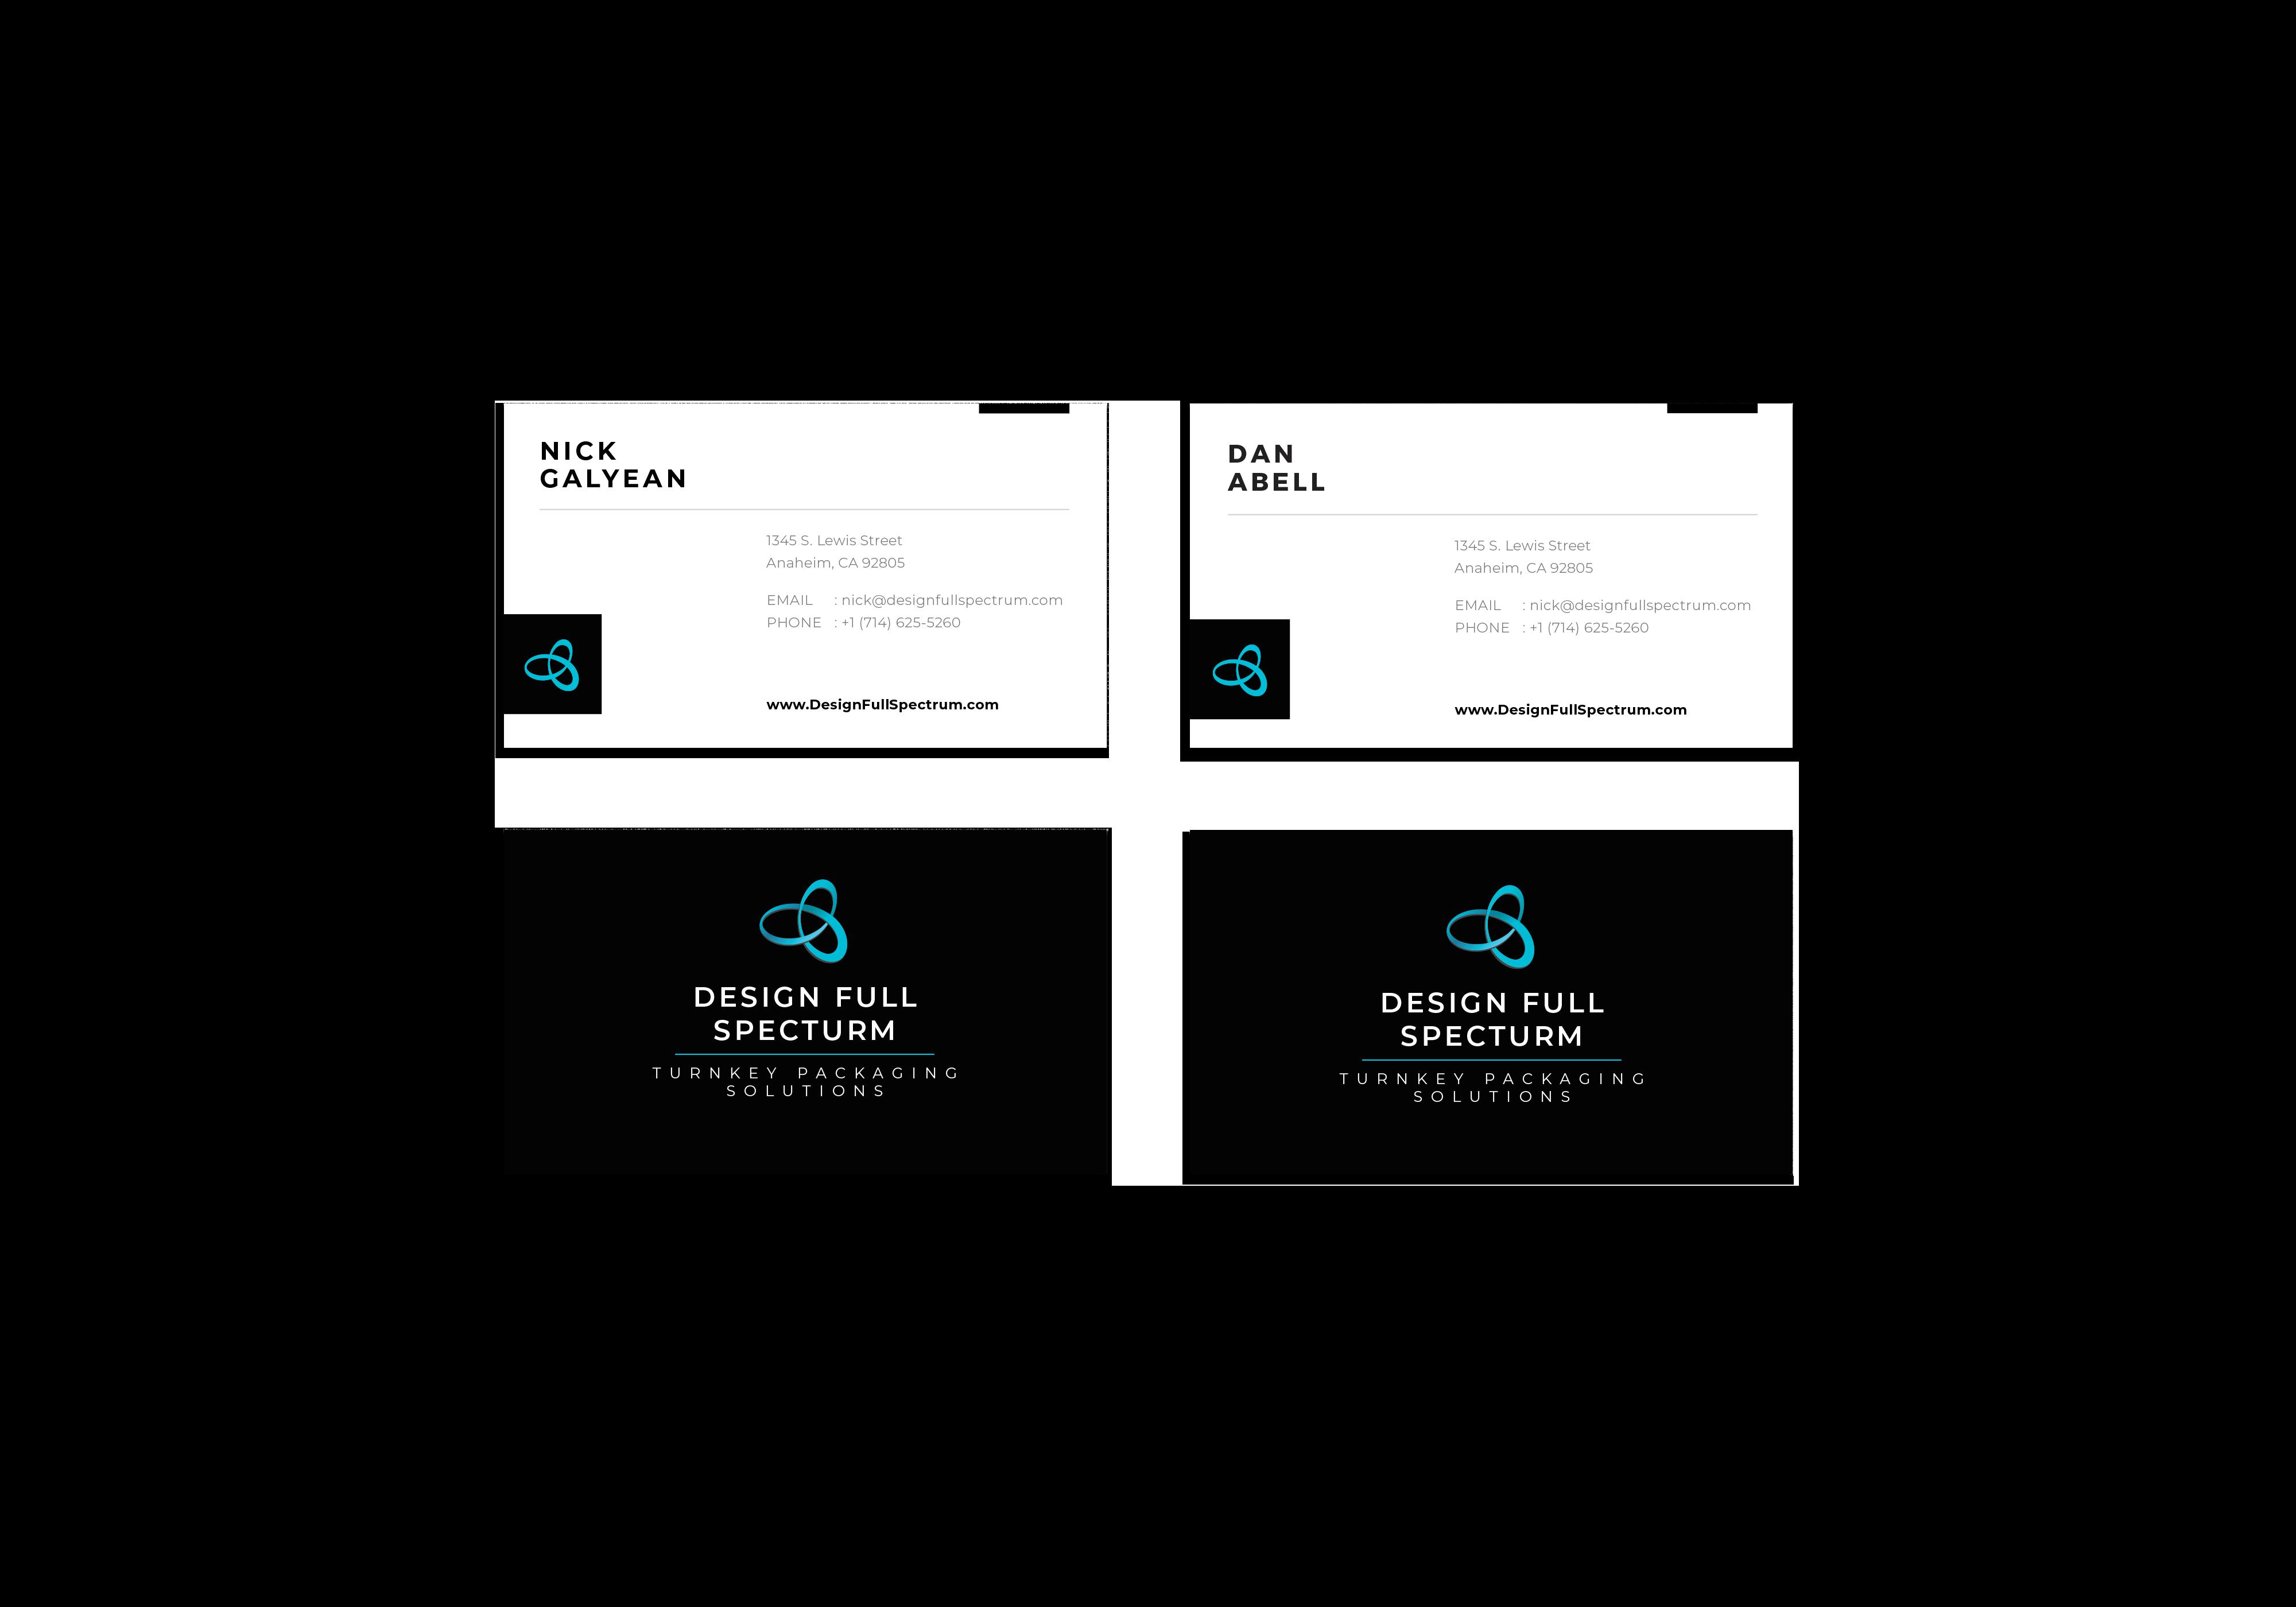 design full spectrum business cards